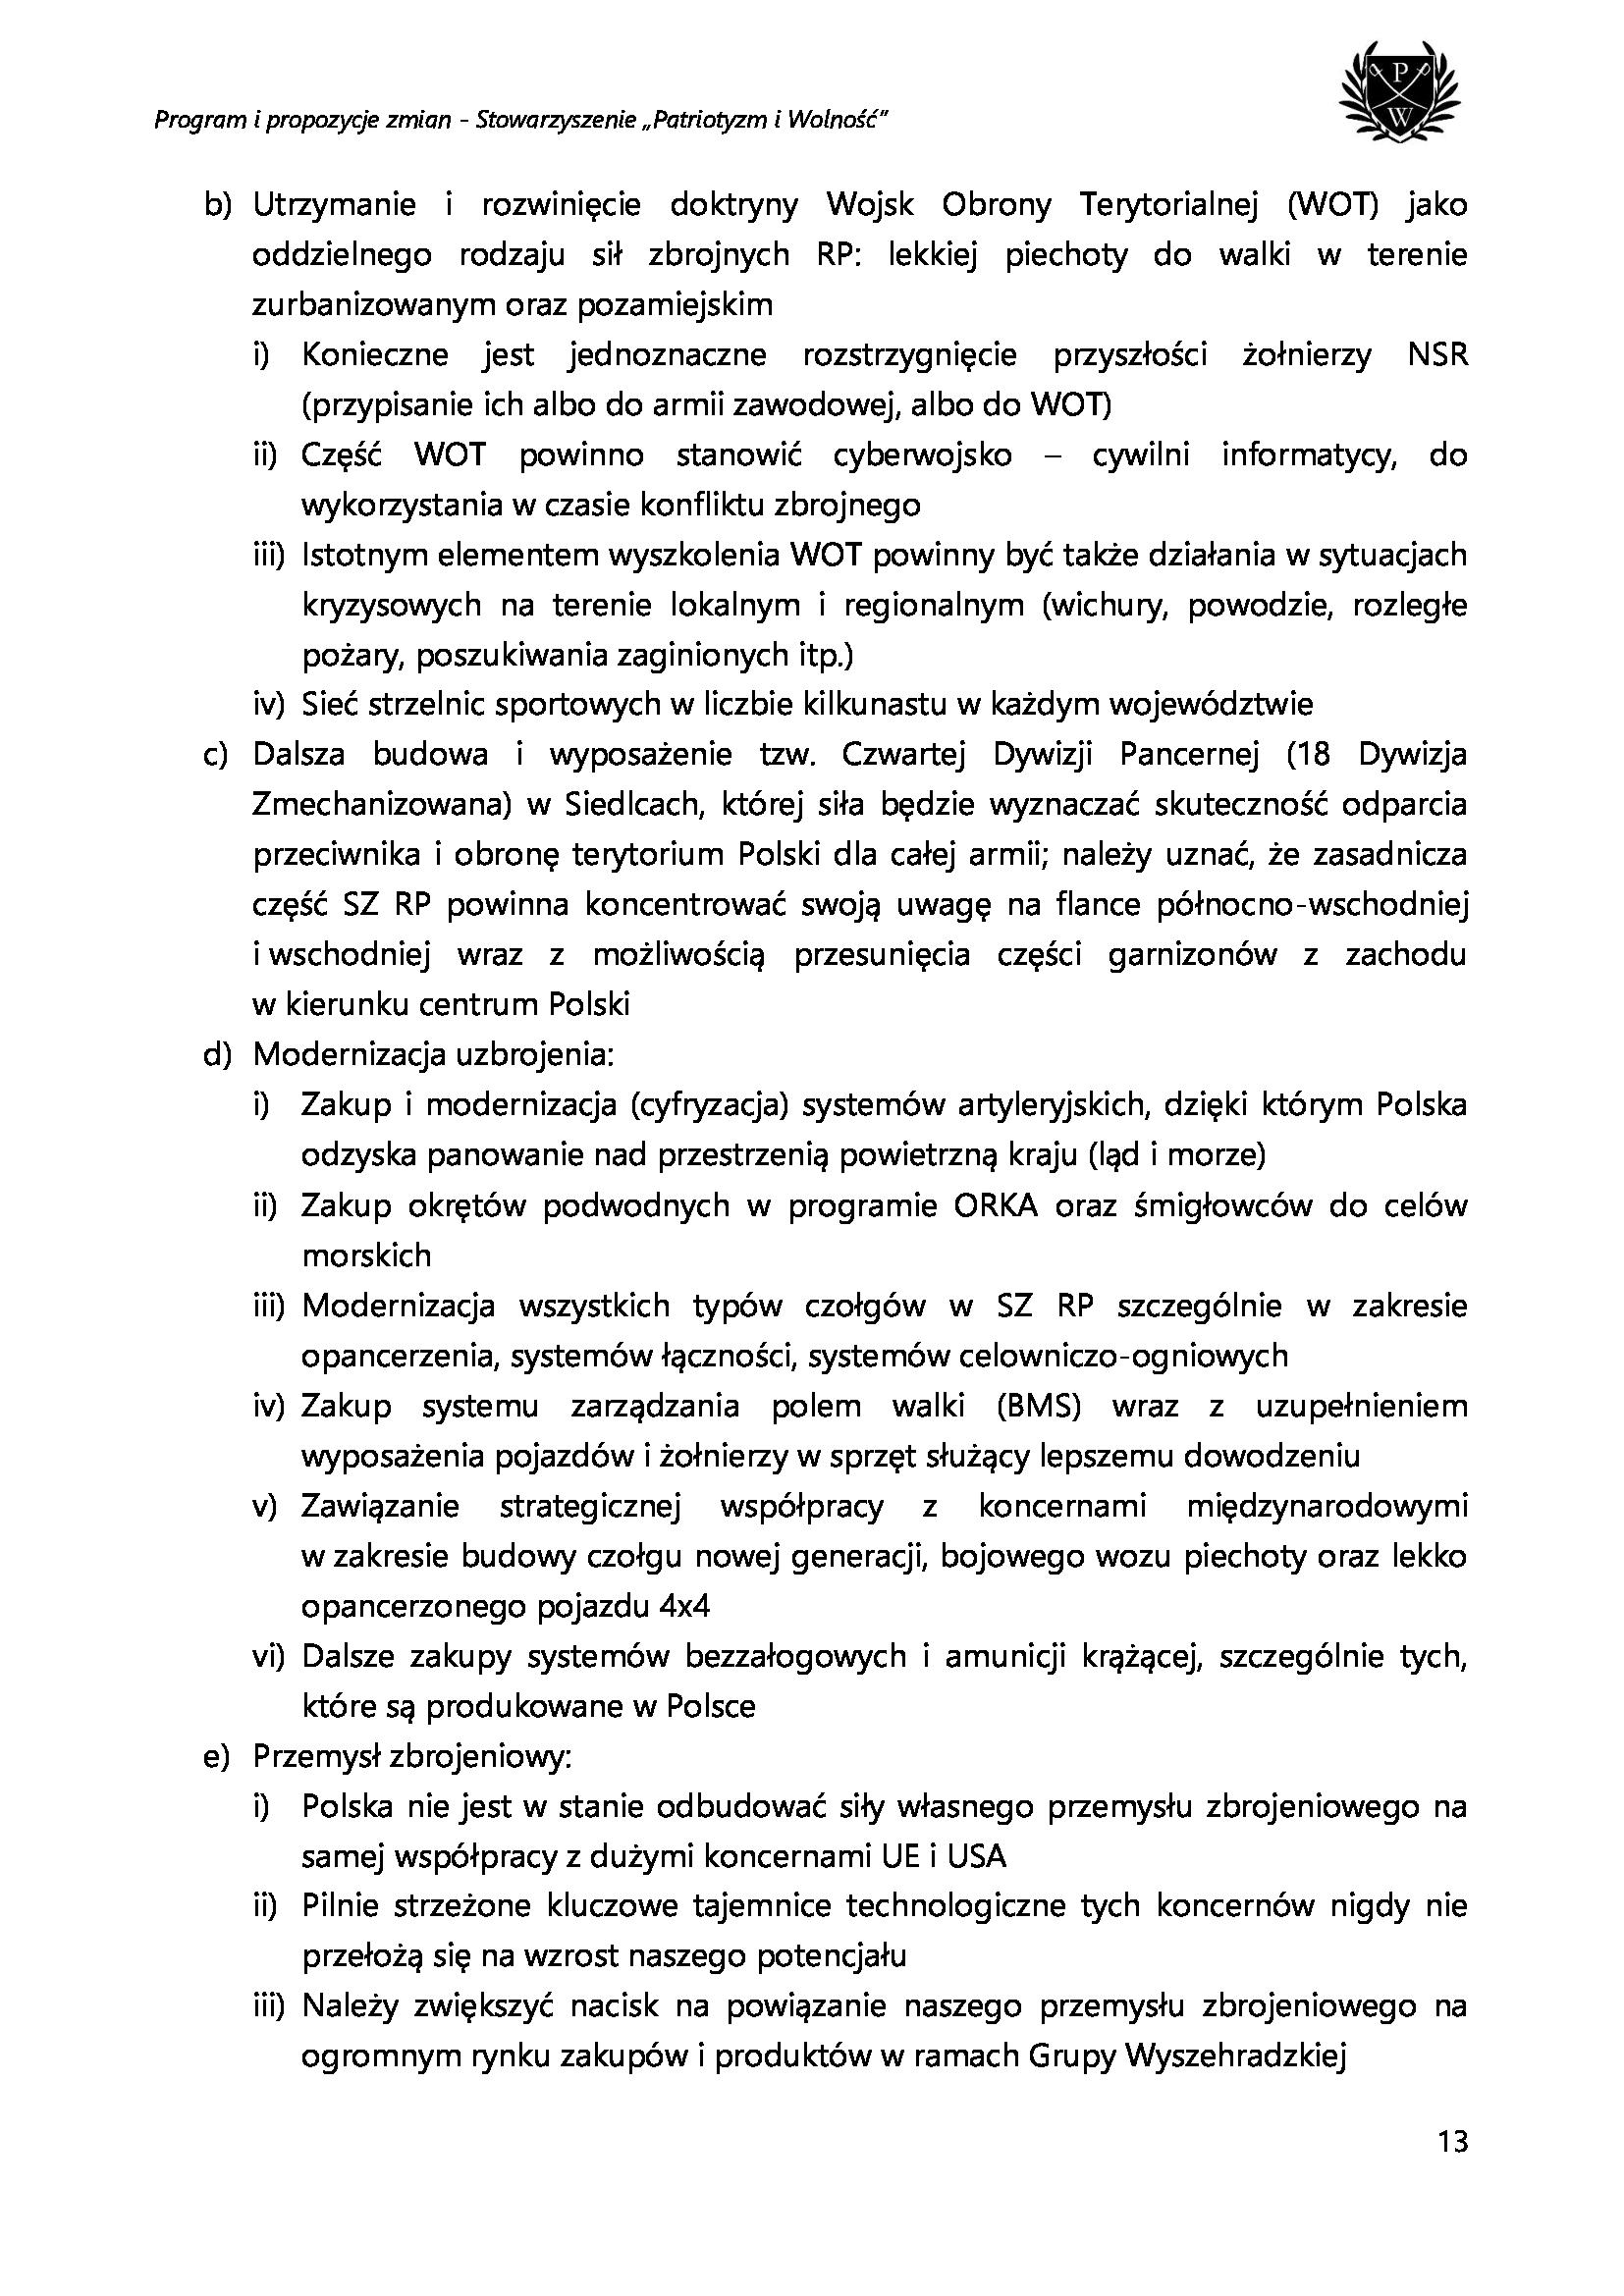 db9e272ef5a9a2e66d26f1905be6c507-13